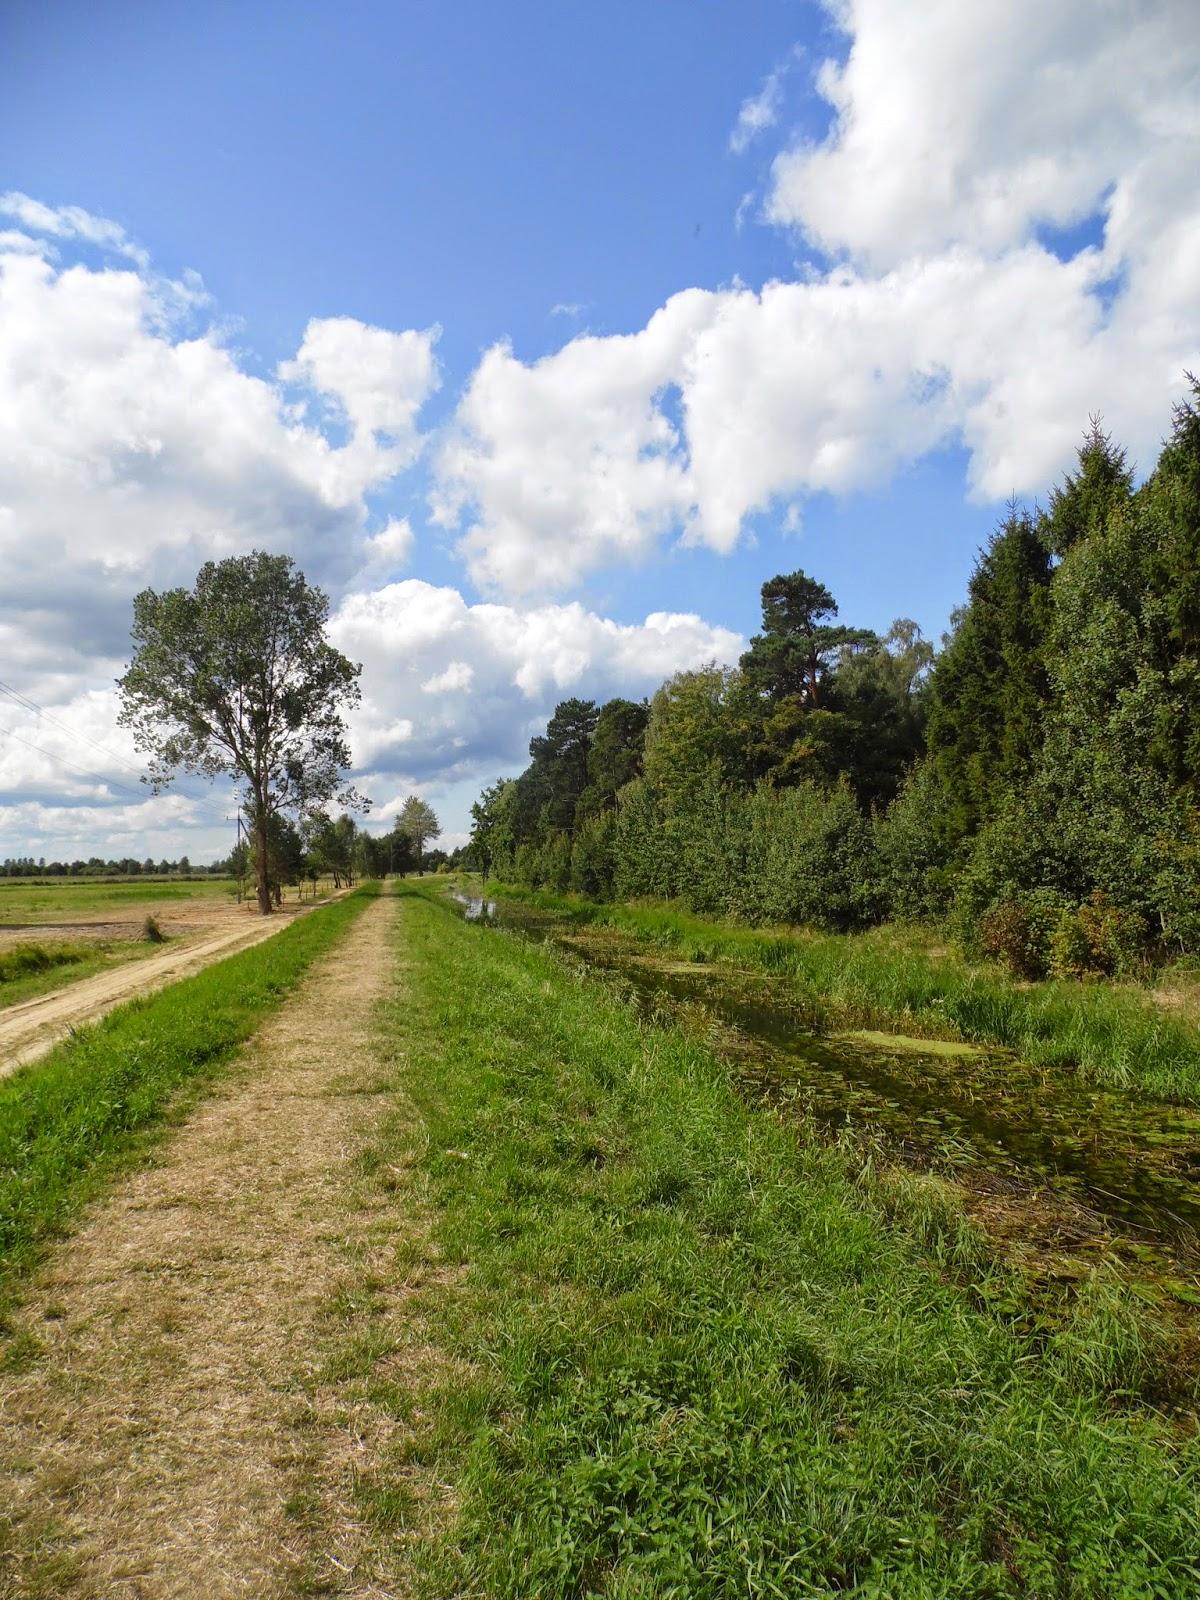 Ścieżka prowadząca wzdłuż Czarnej Wody w Ostrowie, równolegle do brzegu Morza Bałtyckiego